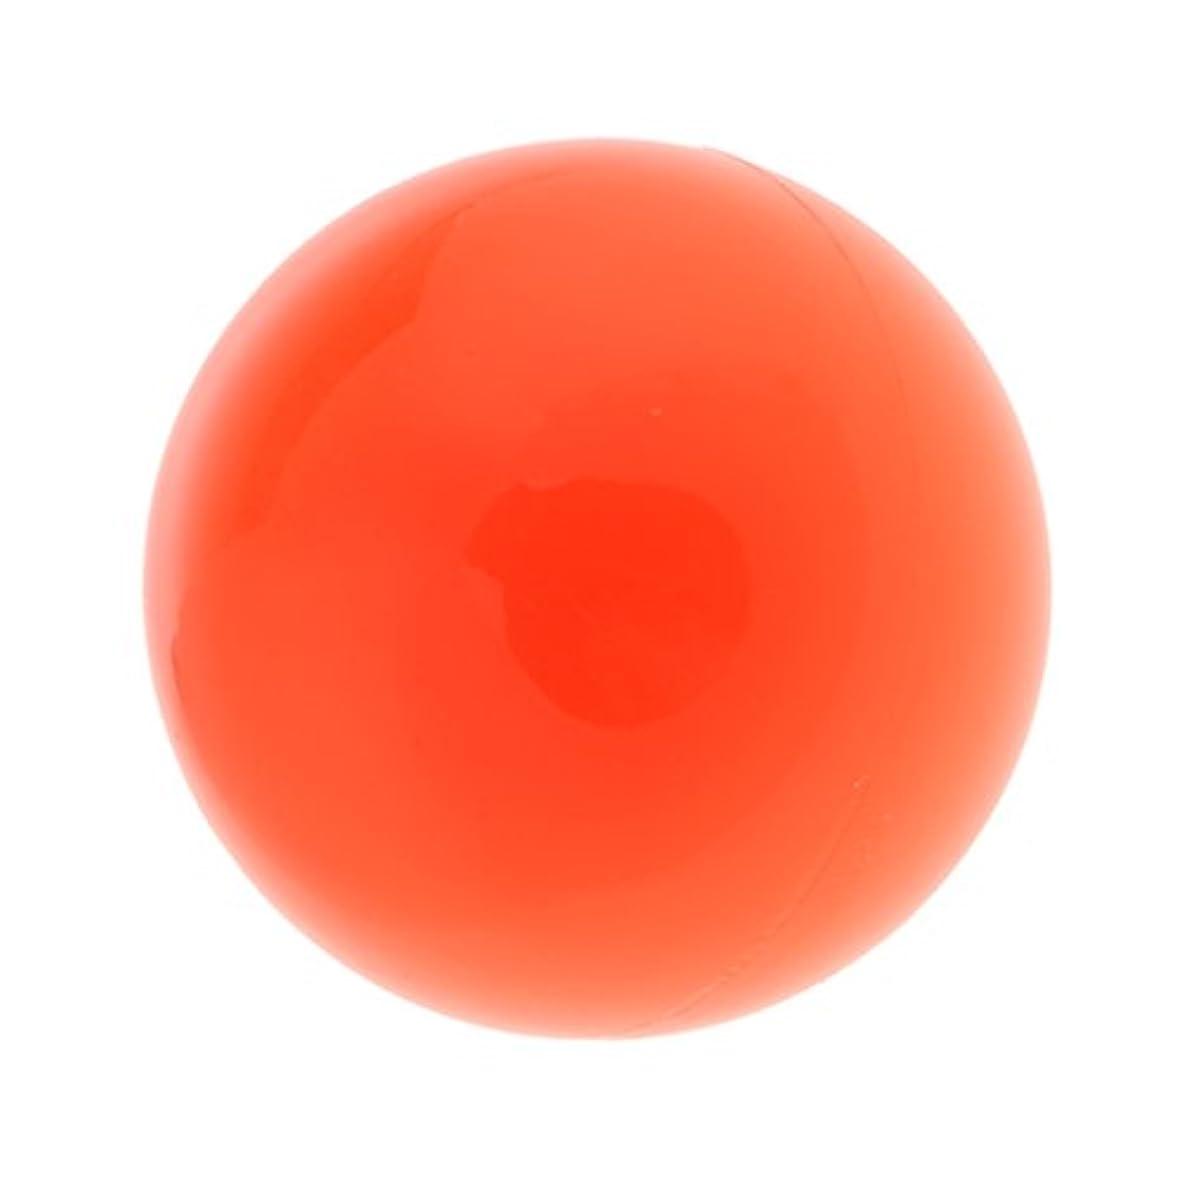 谷概要修道院sharprepublic 体育館の家の練習の練習のヨガの試しのための制動機ポイント自己マッサージの球